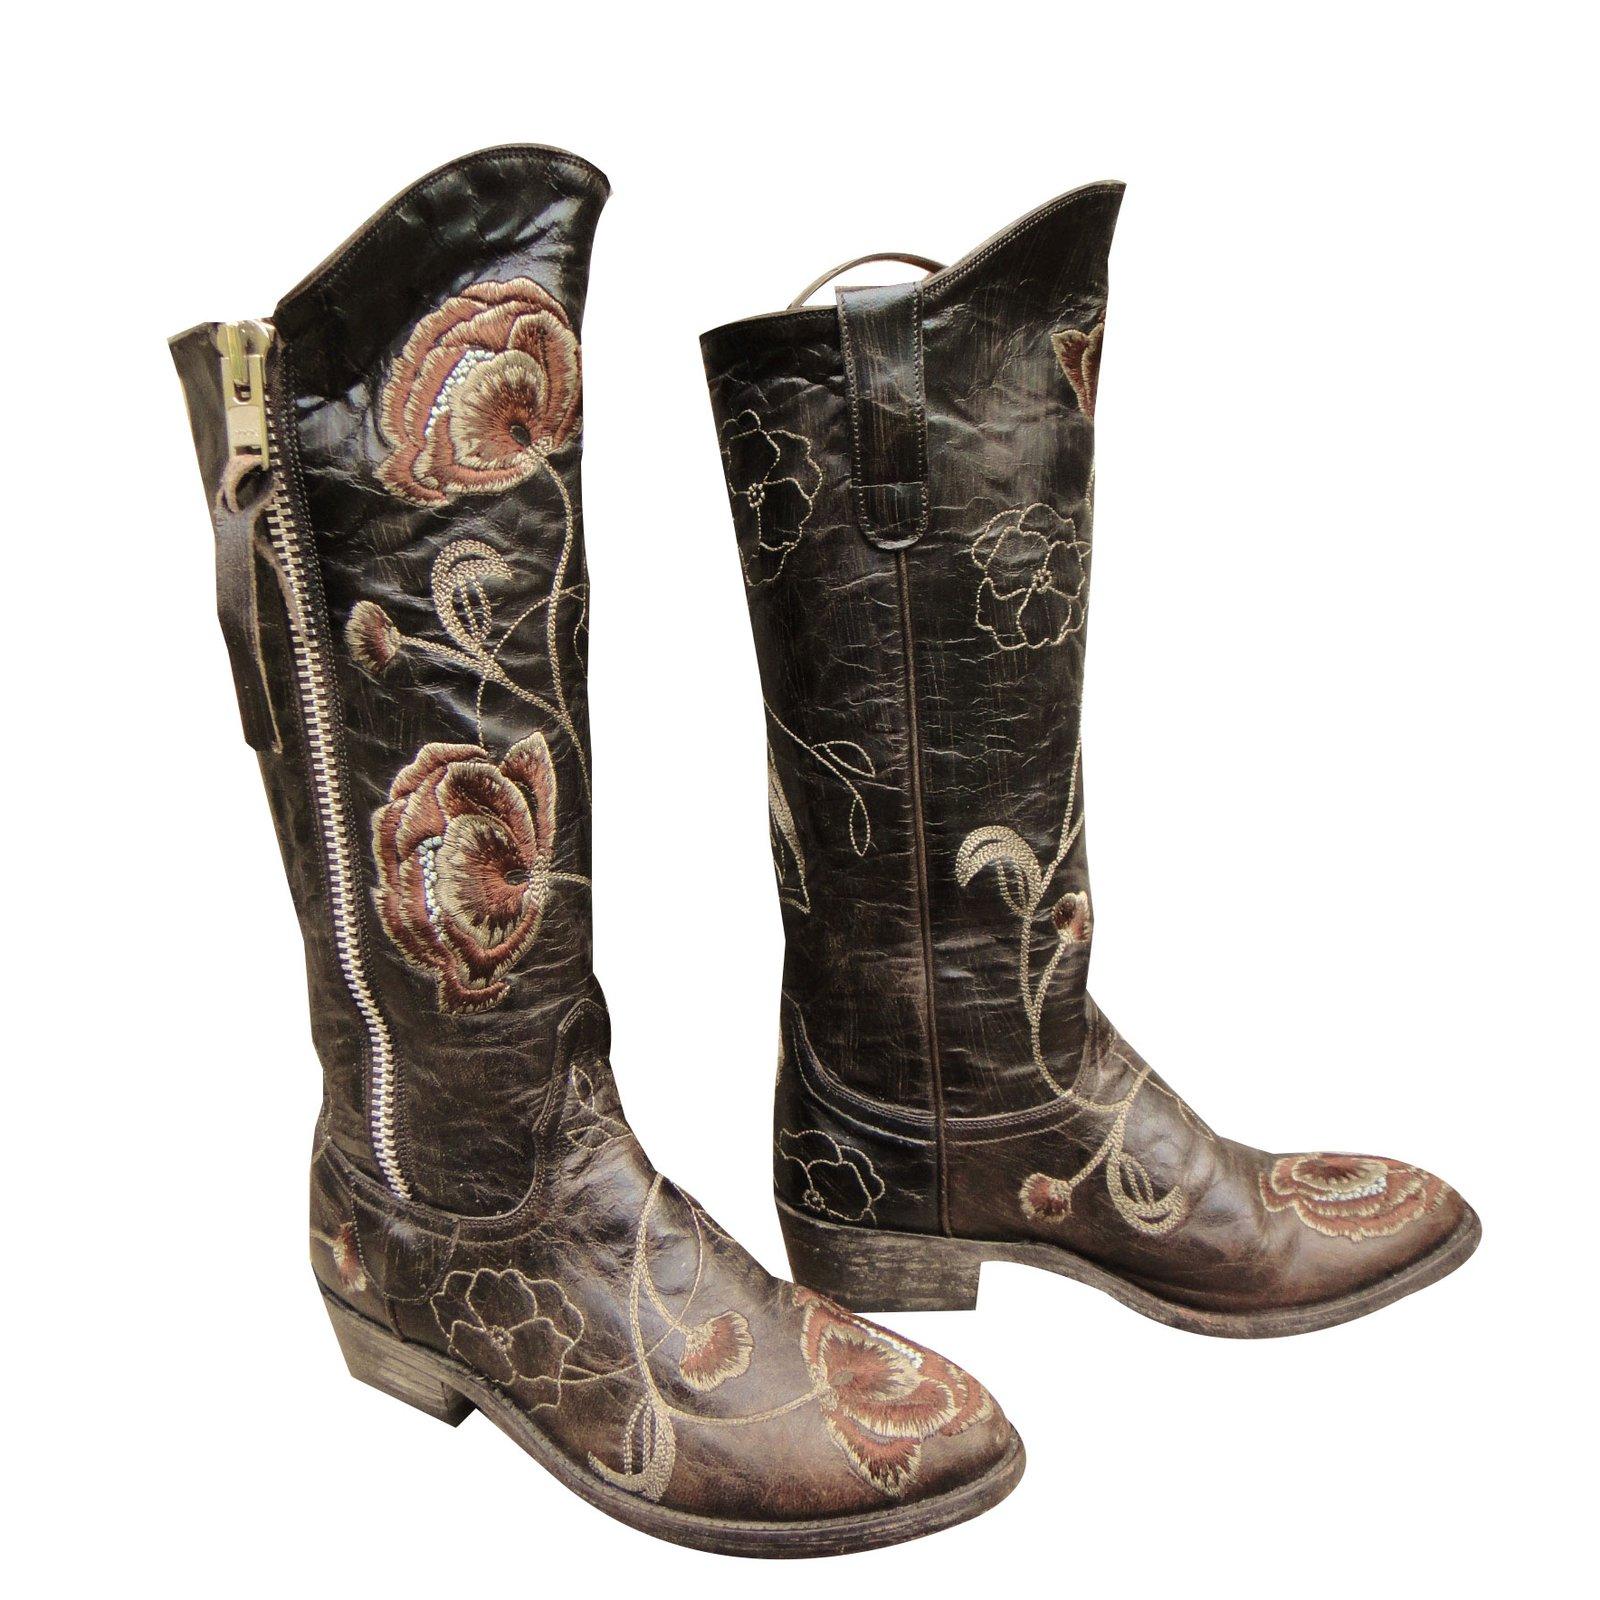 choisir authentique meilleures offres sur classcic Boots